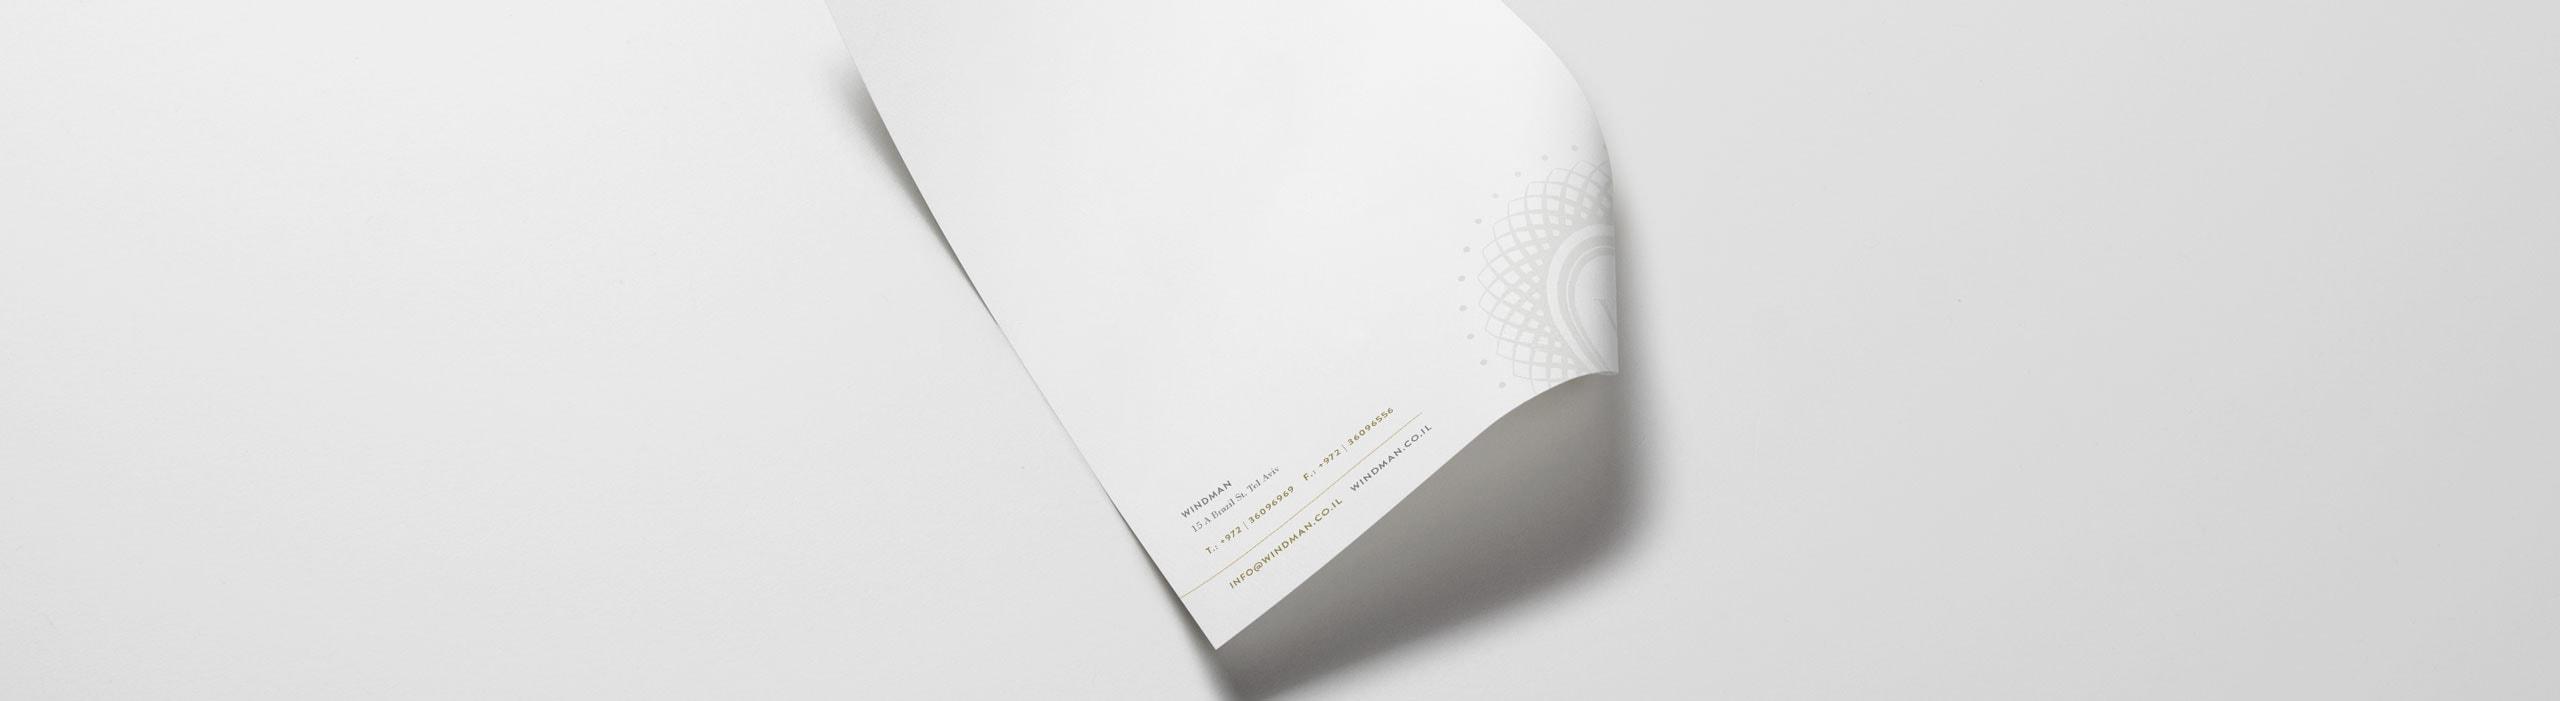 Windman - natie-windman-letterhead-design - Natie Branding Agency